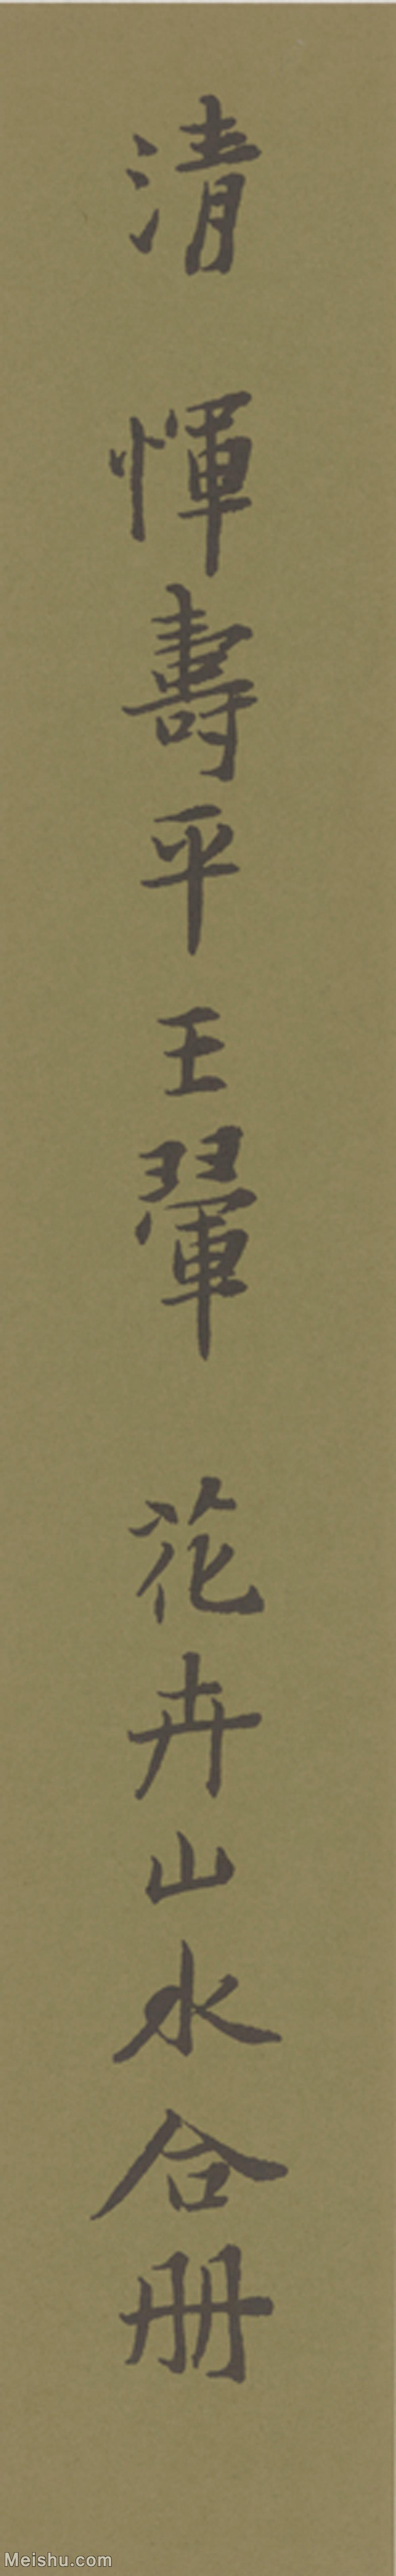 【印刷级】GH6060171古画恽寿平册页图片-9M-731X4738_54553393.jpg